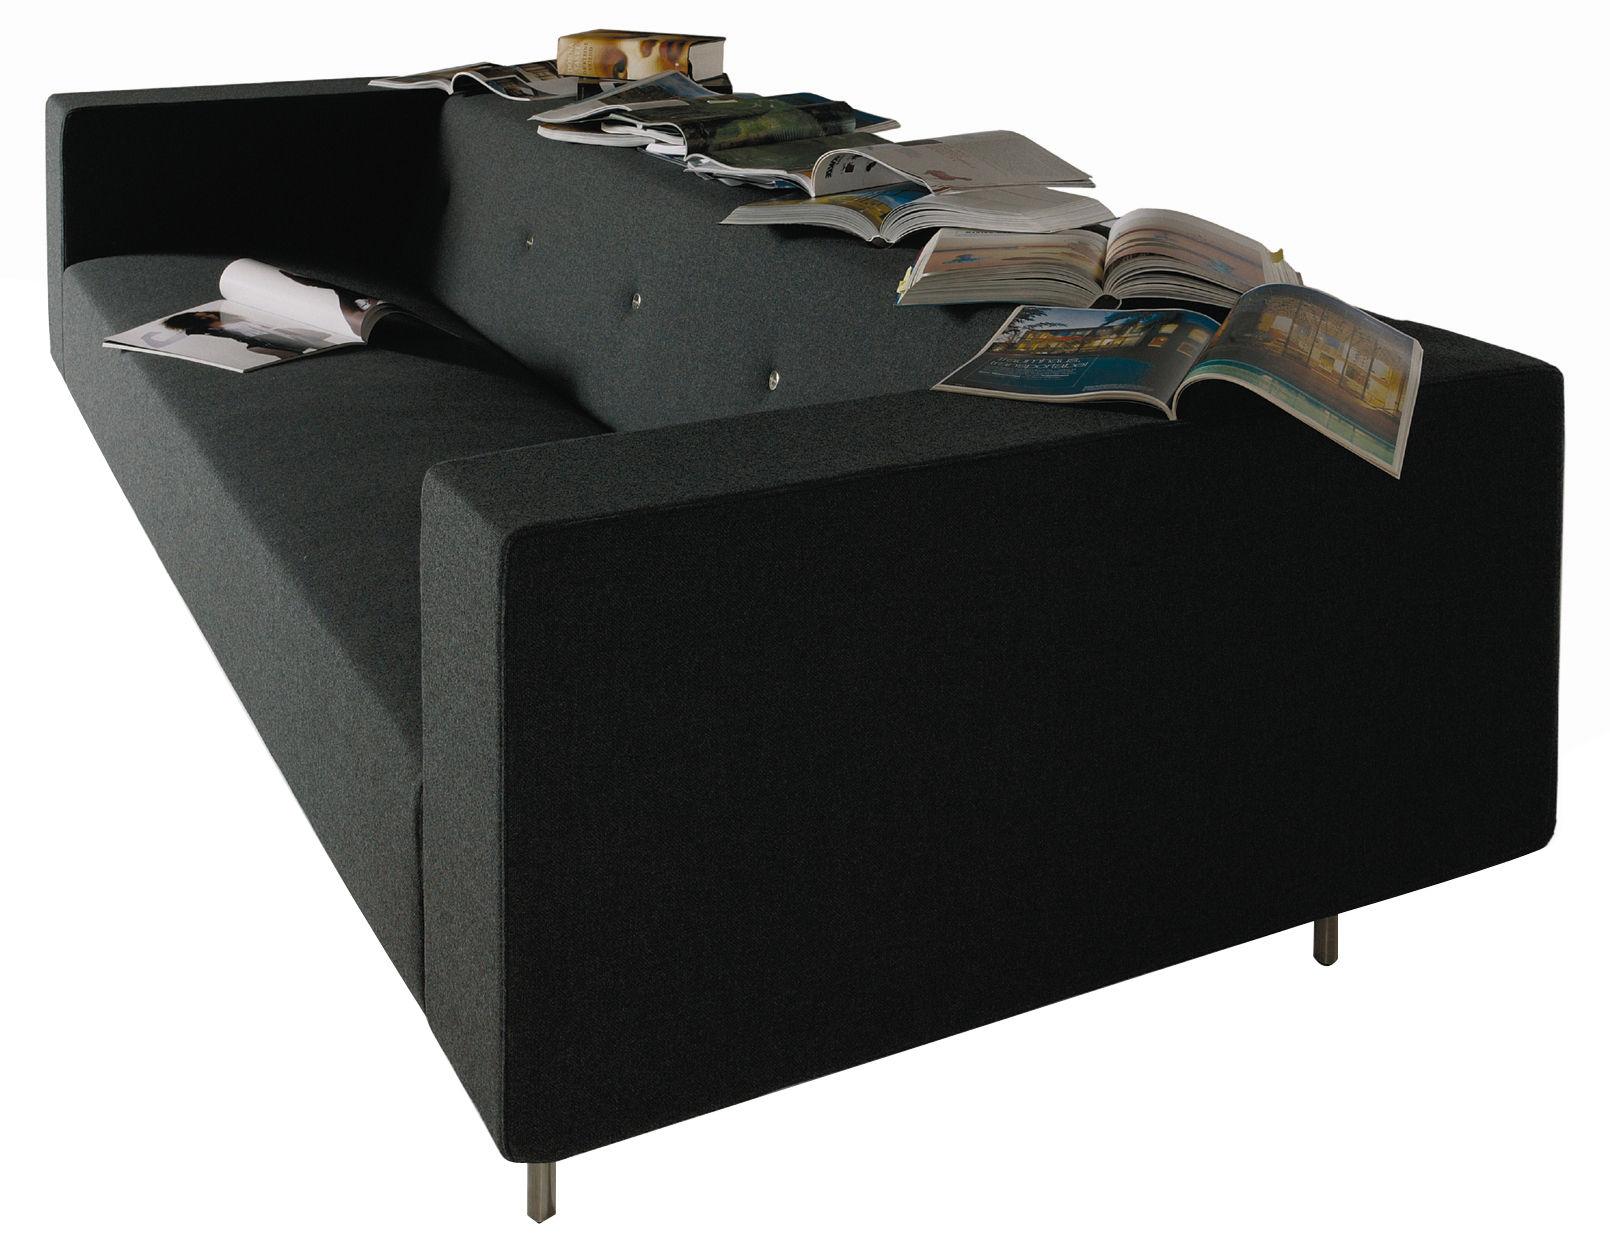 Mobilier - Canapés - Canapé droit Bottoni Shelf / 3 places - L 235 cm - Moooi - Noir anthracite - Laine